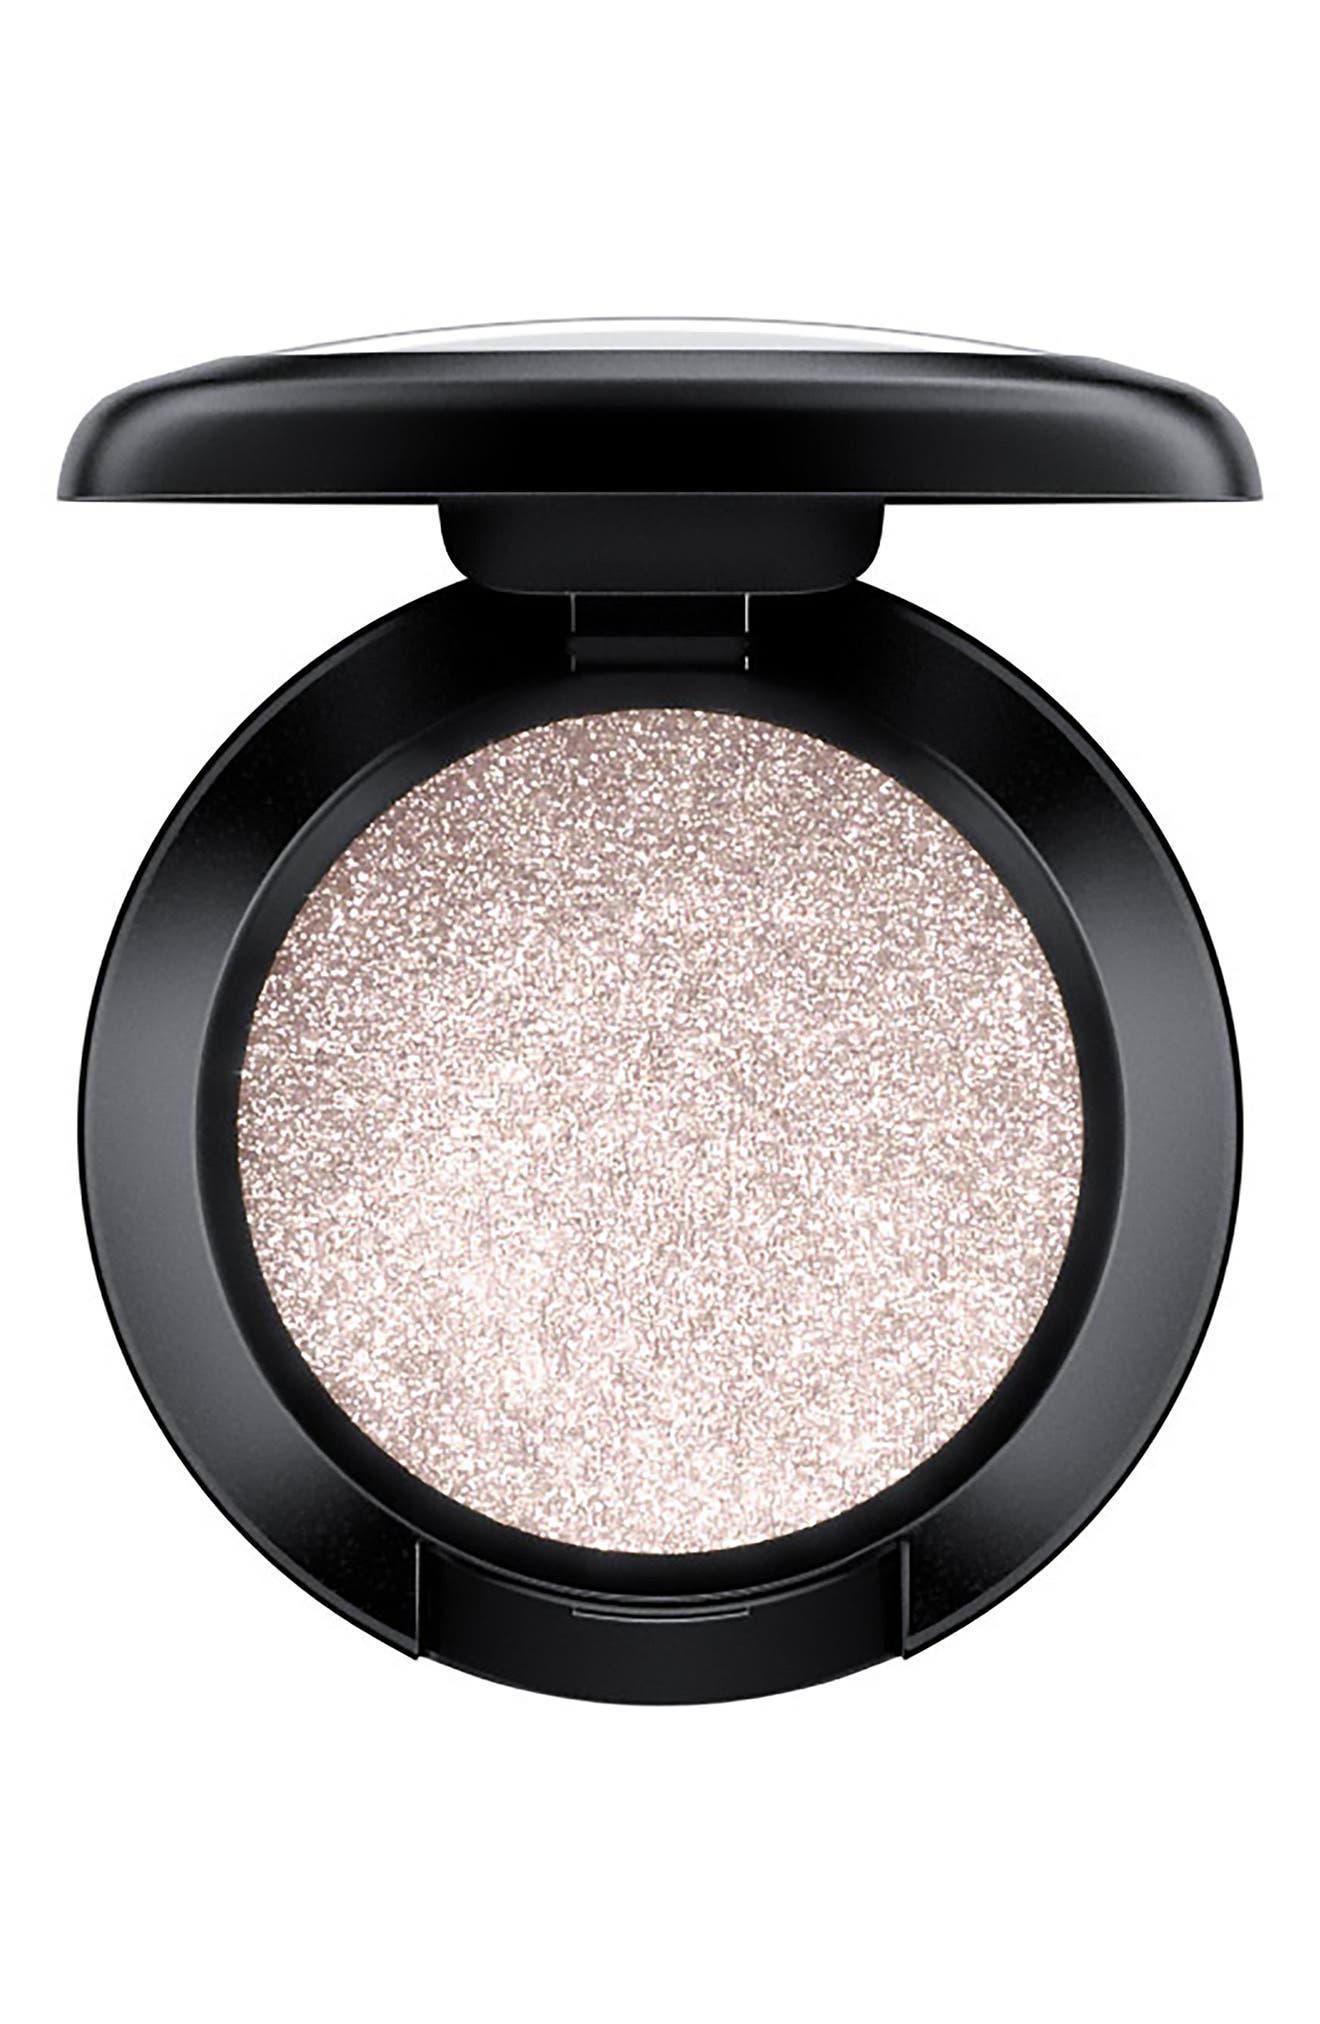 MAC Le Disko Dazzleshadow Eyeshadow